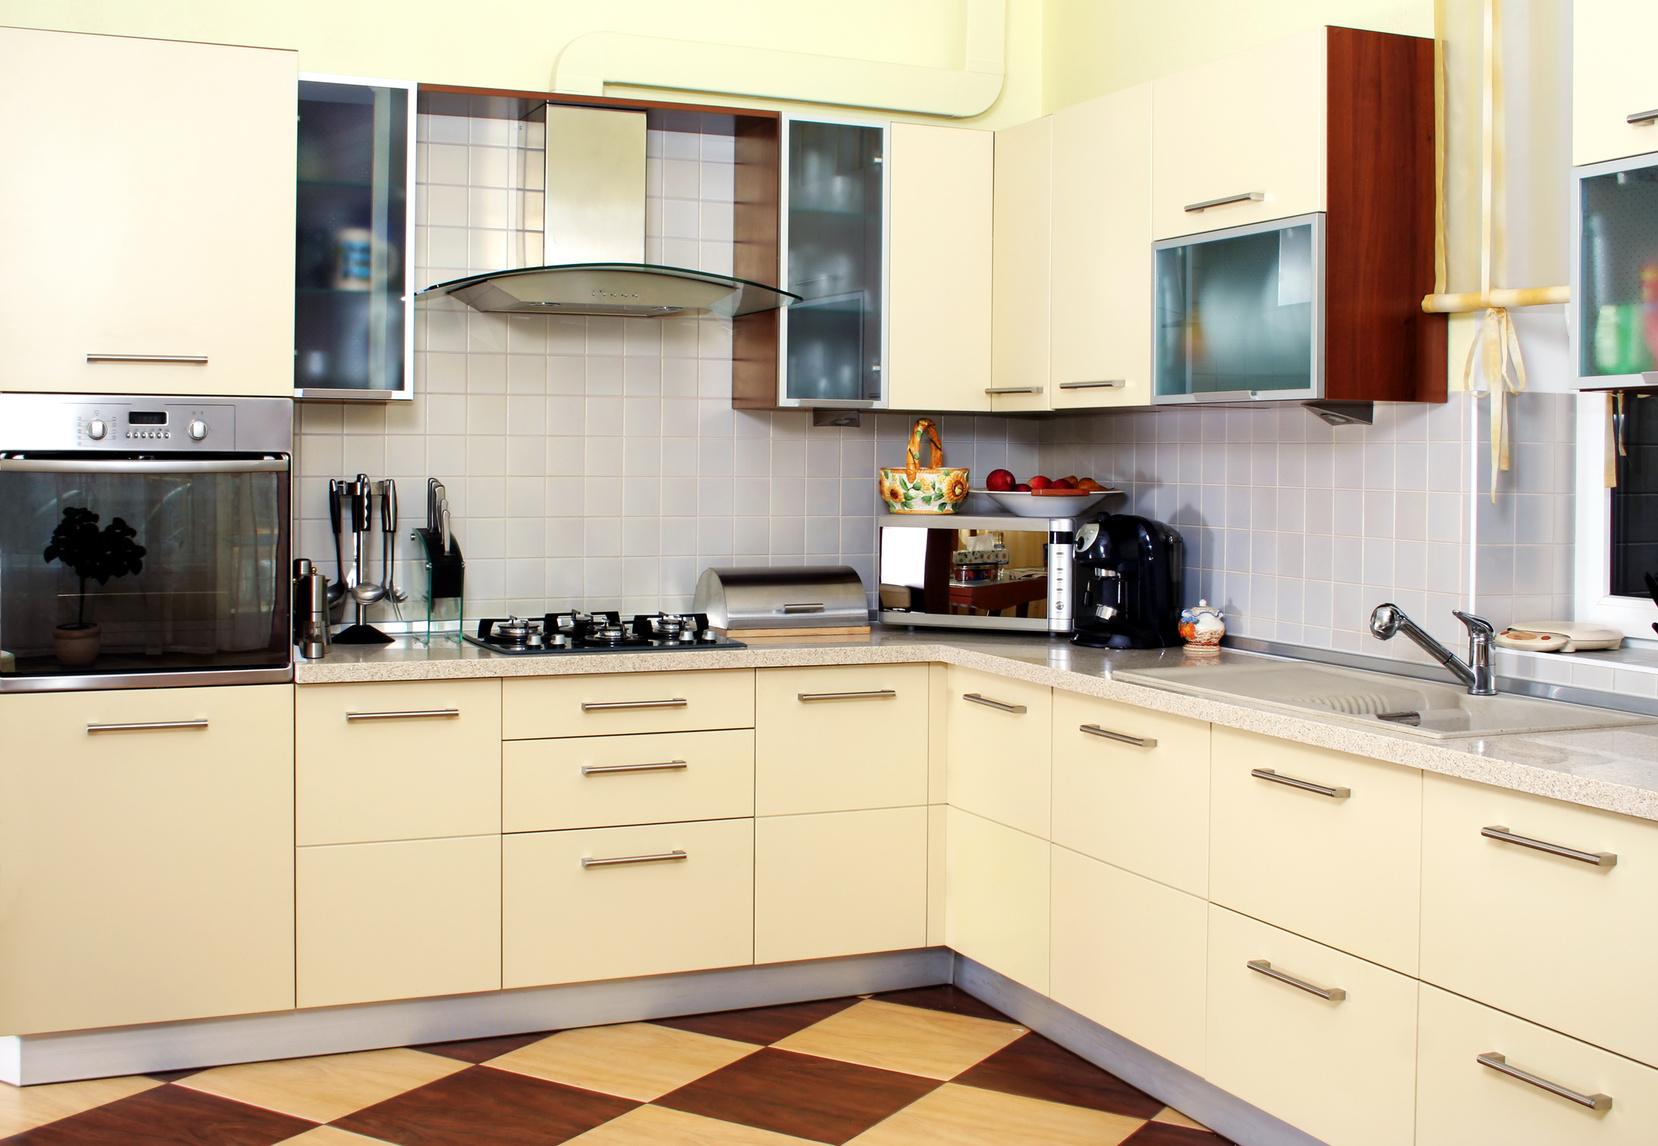 Nett Cremefarbenen Küchen Fotos Fotos - Ideen Für Die Küche ...